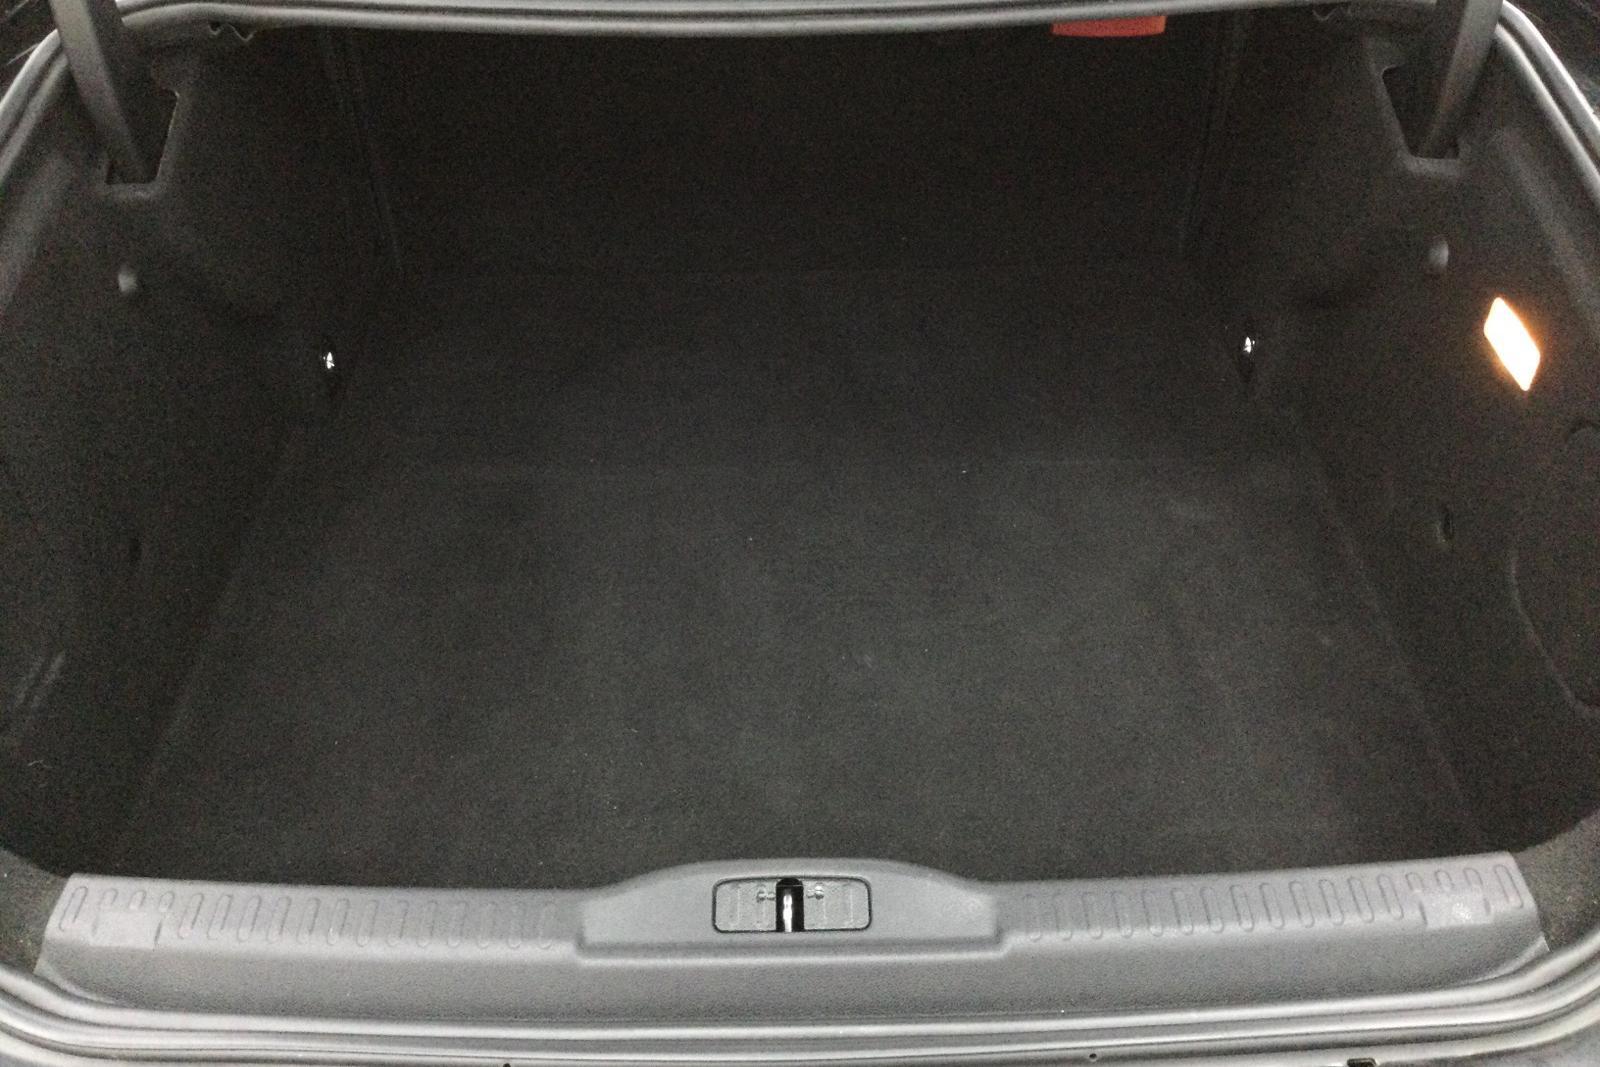 Peugeot RCZ 1.6 Turbo (156hk) - 172 770 km - Manual - black - 2011